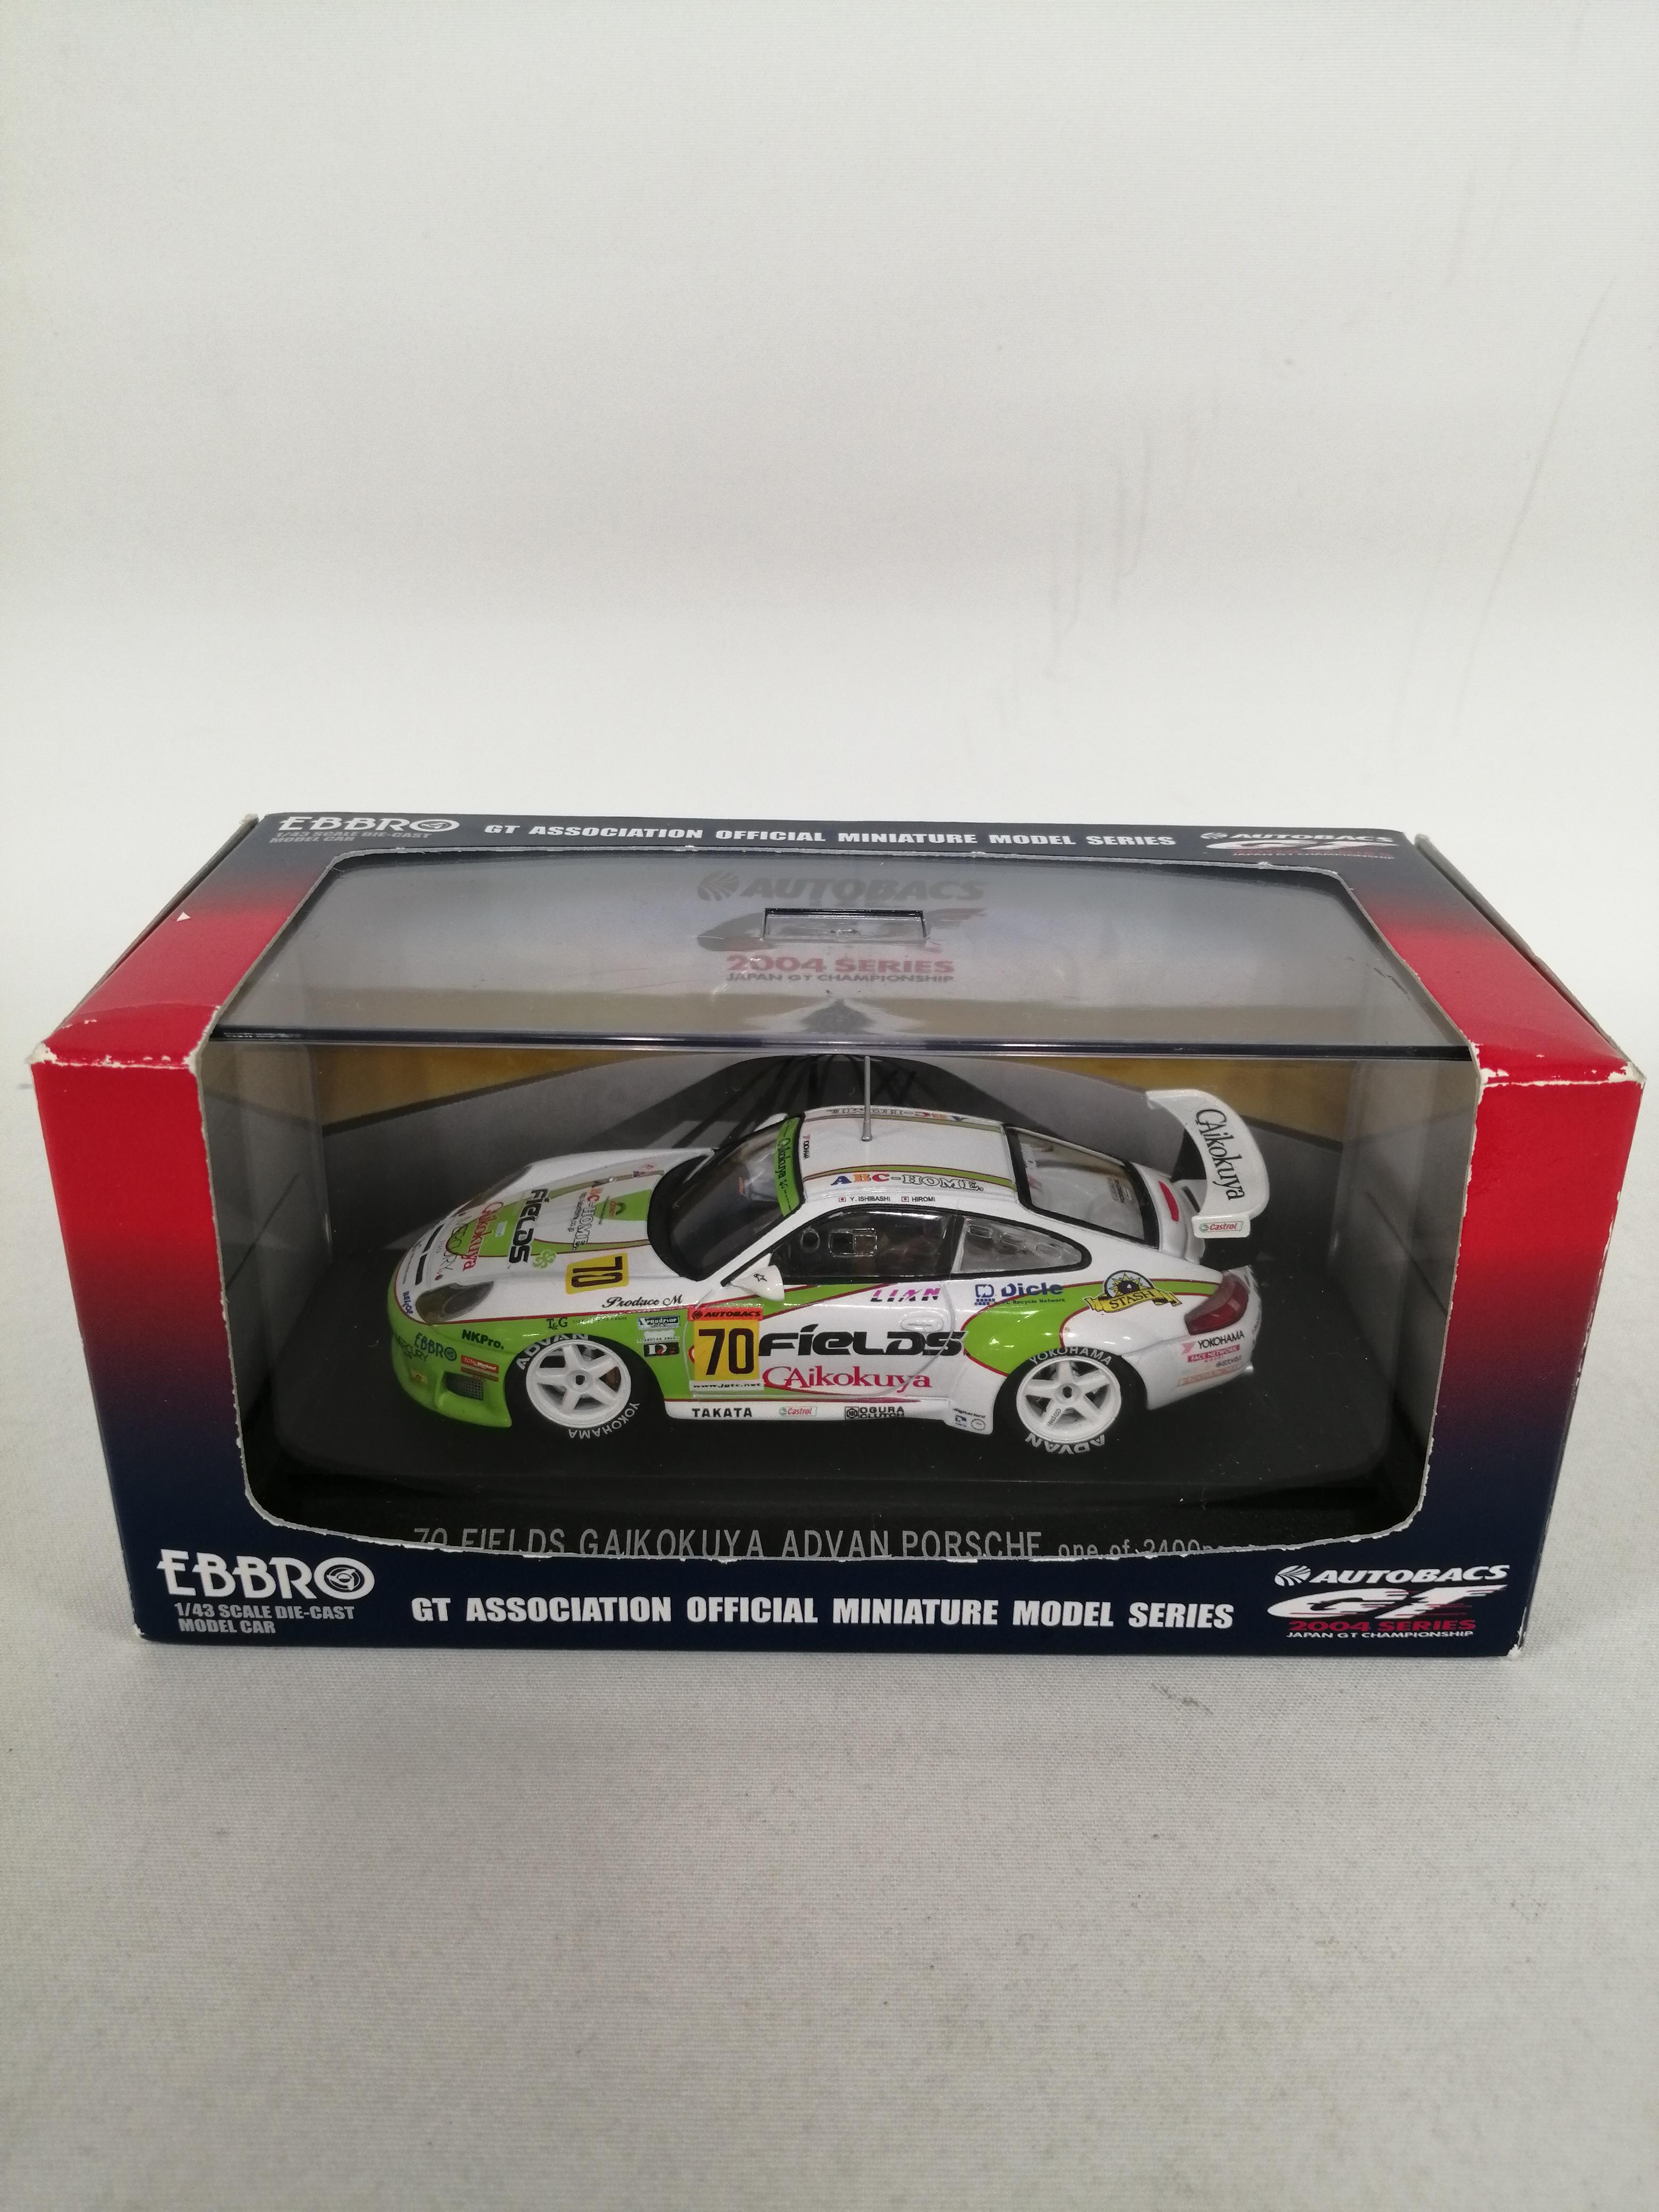 1/43スケールミニカー JGTC2004|EBBRO